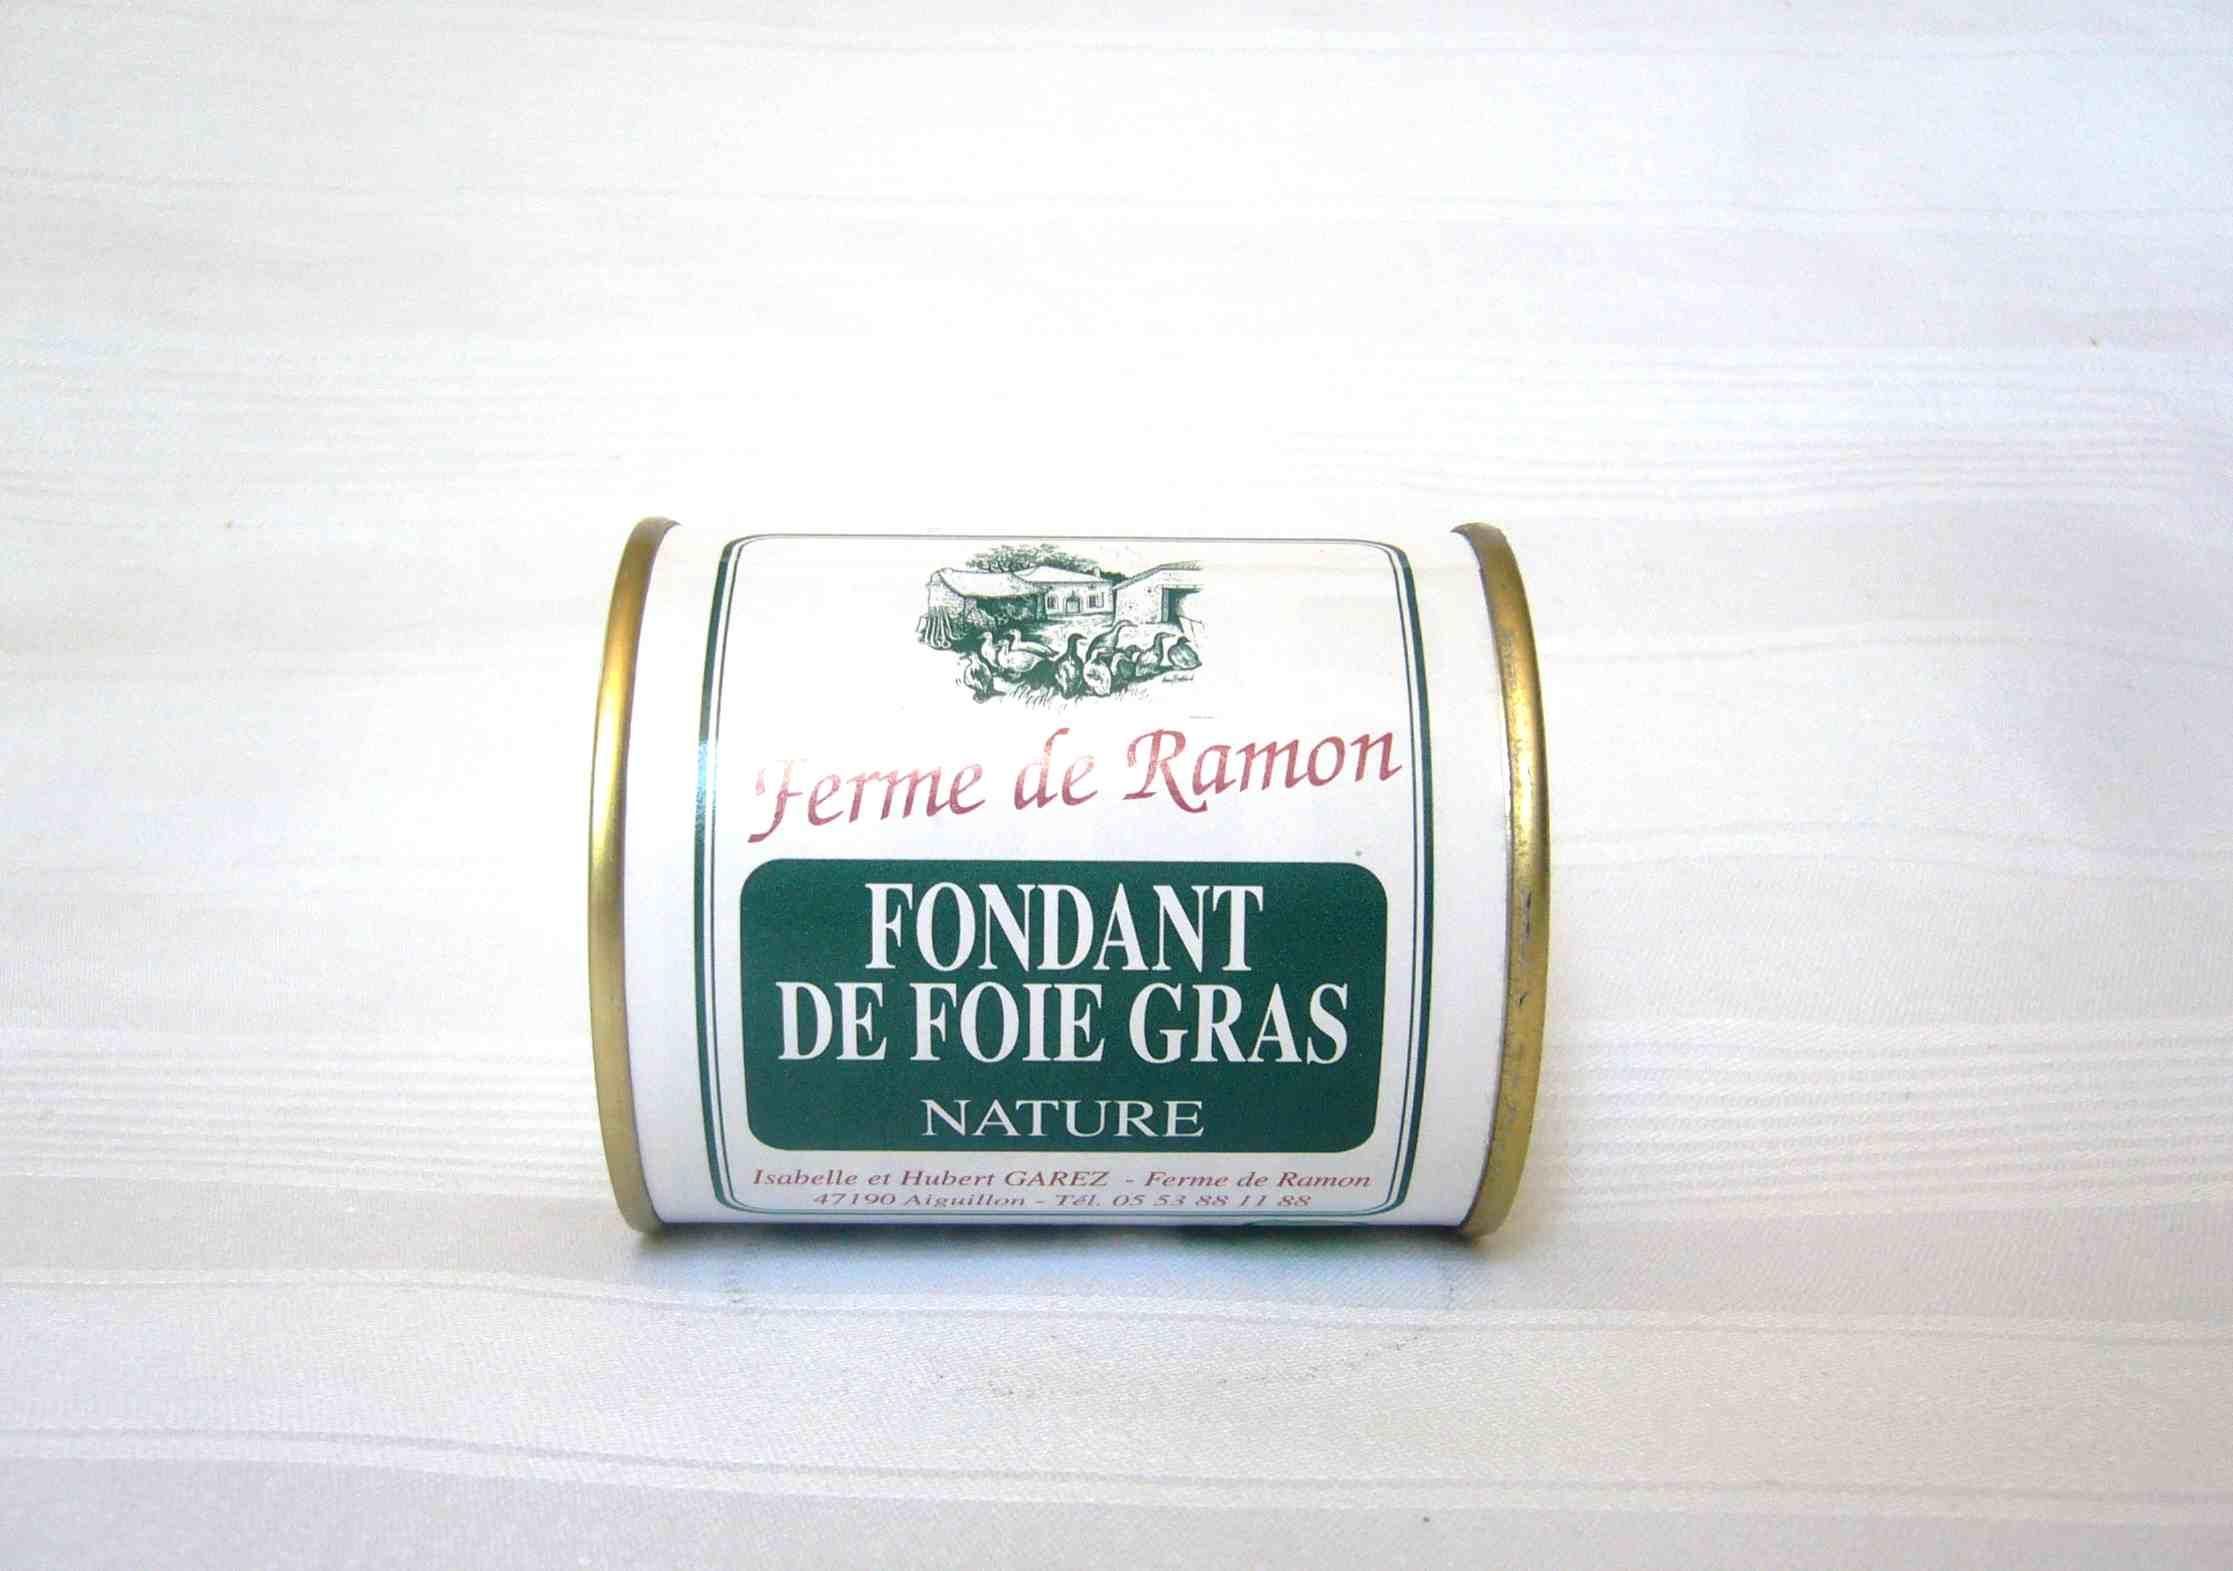 Produit - Fondant nature - Producteur foie gras